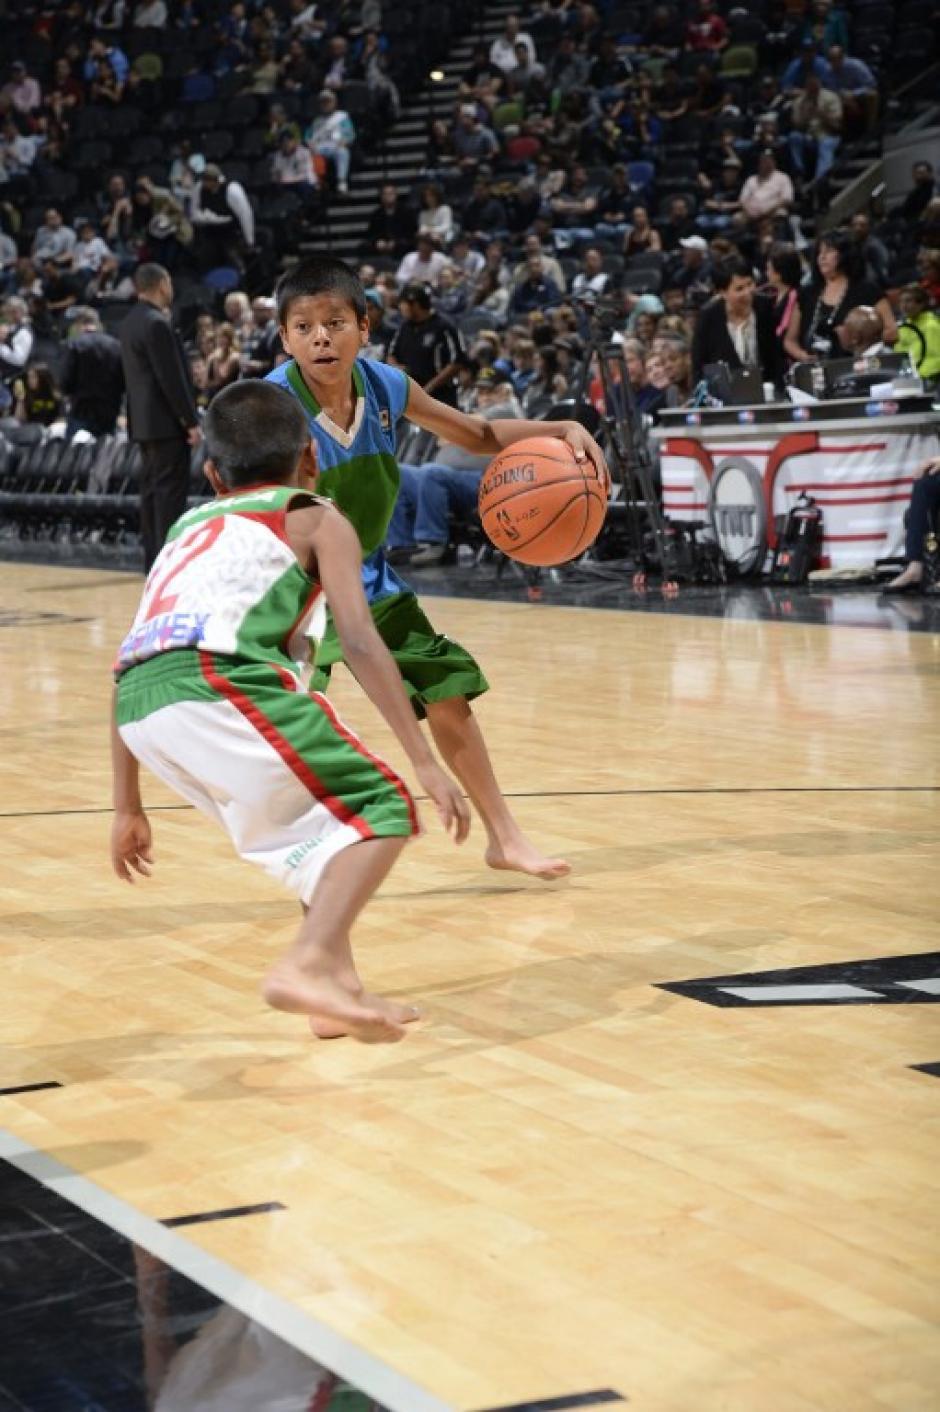 Los niños se hicieron famosos el año pasado por ganar un campeonato internacional en Argentina jugando descalzos. (Foto: AFP)